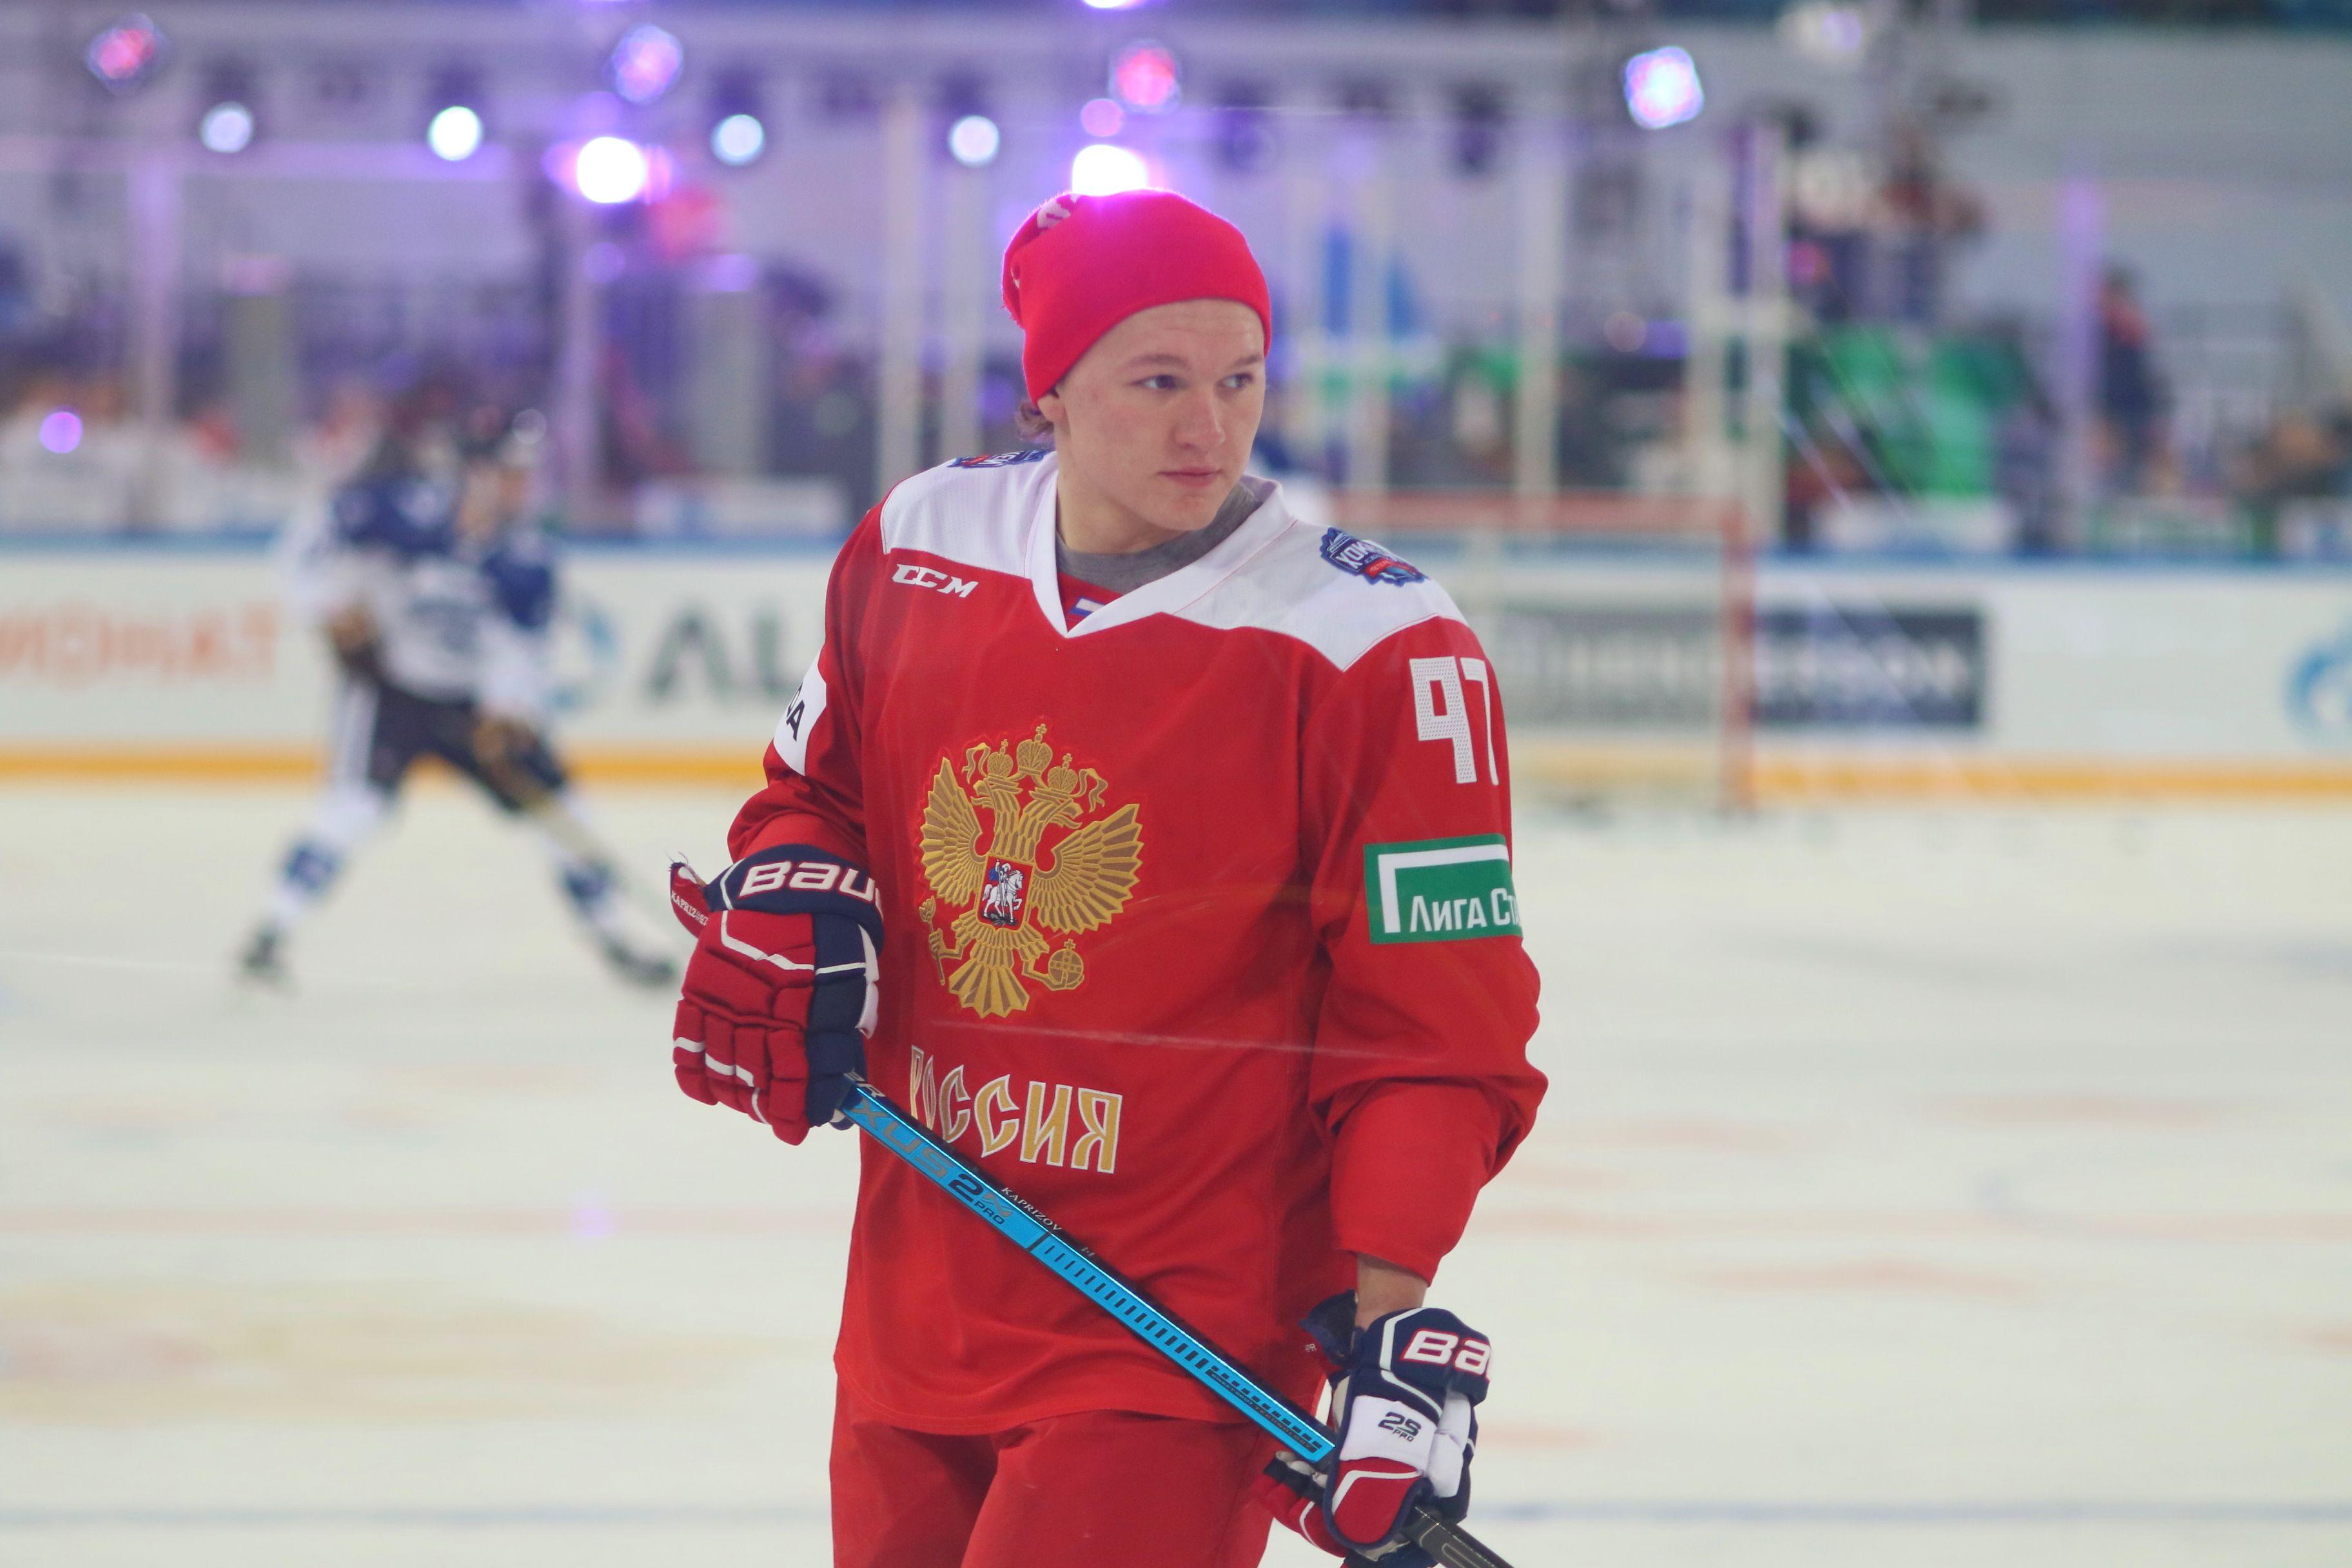 Капризов оформил первый хет-трик в НХЛ. Видео